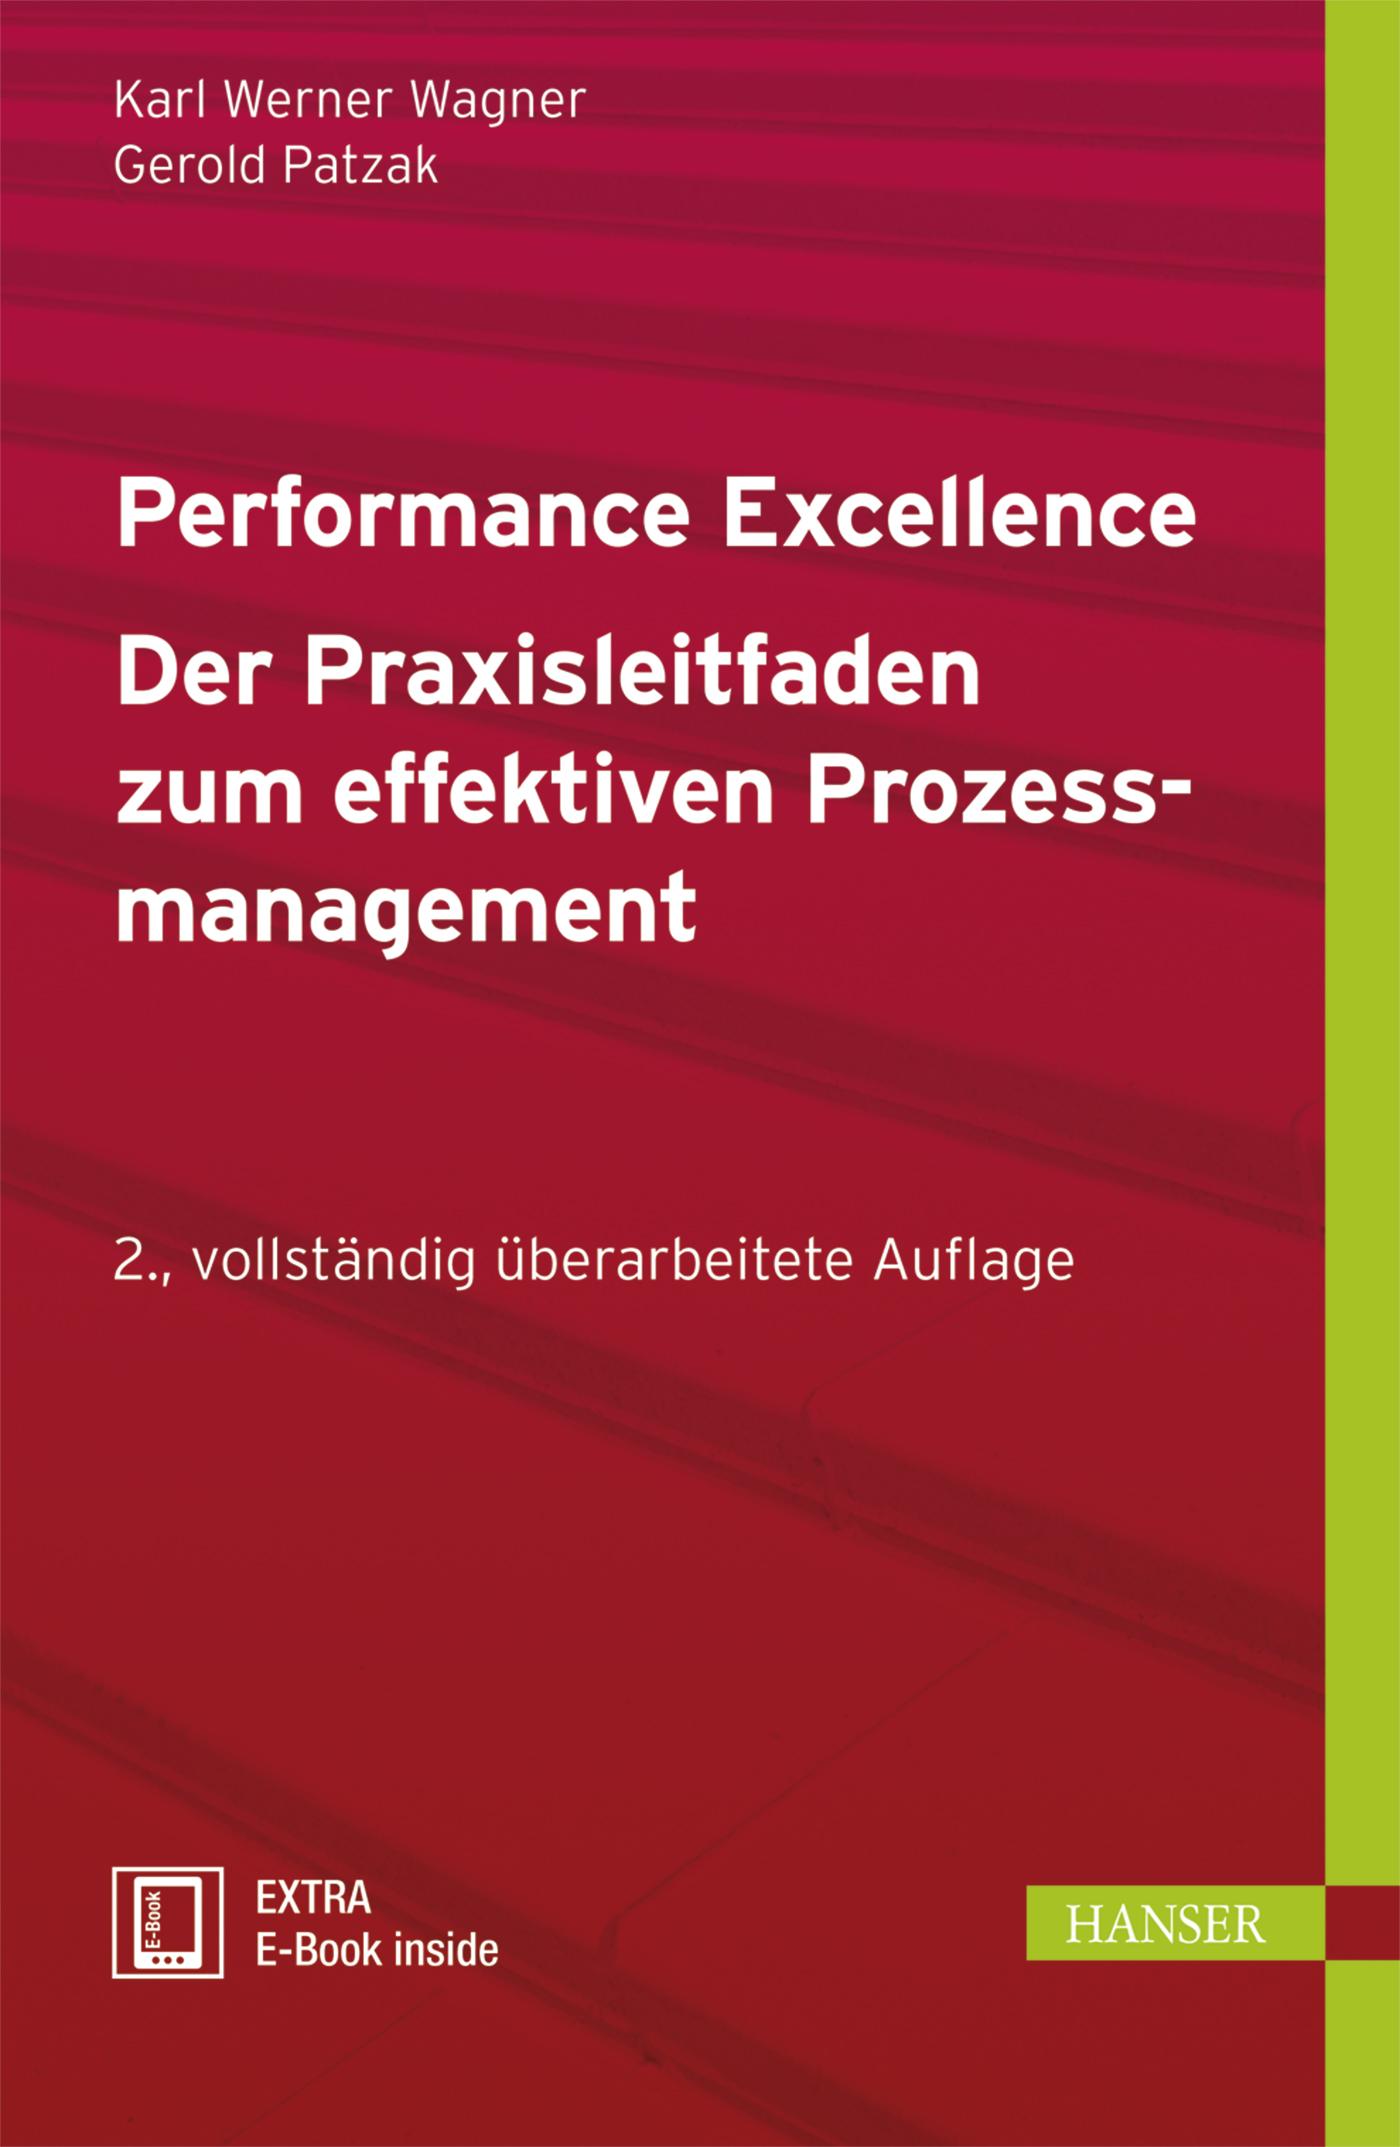 Wagner, Patzak, Performance Excellence - Der Praxisleitfaden zum effektiven Prozessmanagement, 978-3-446-43024-2